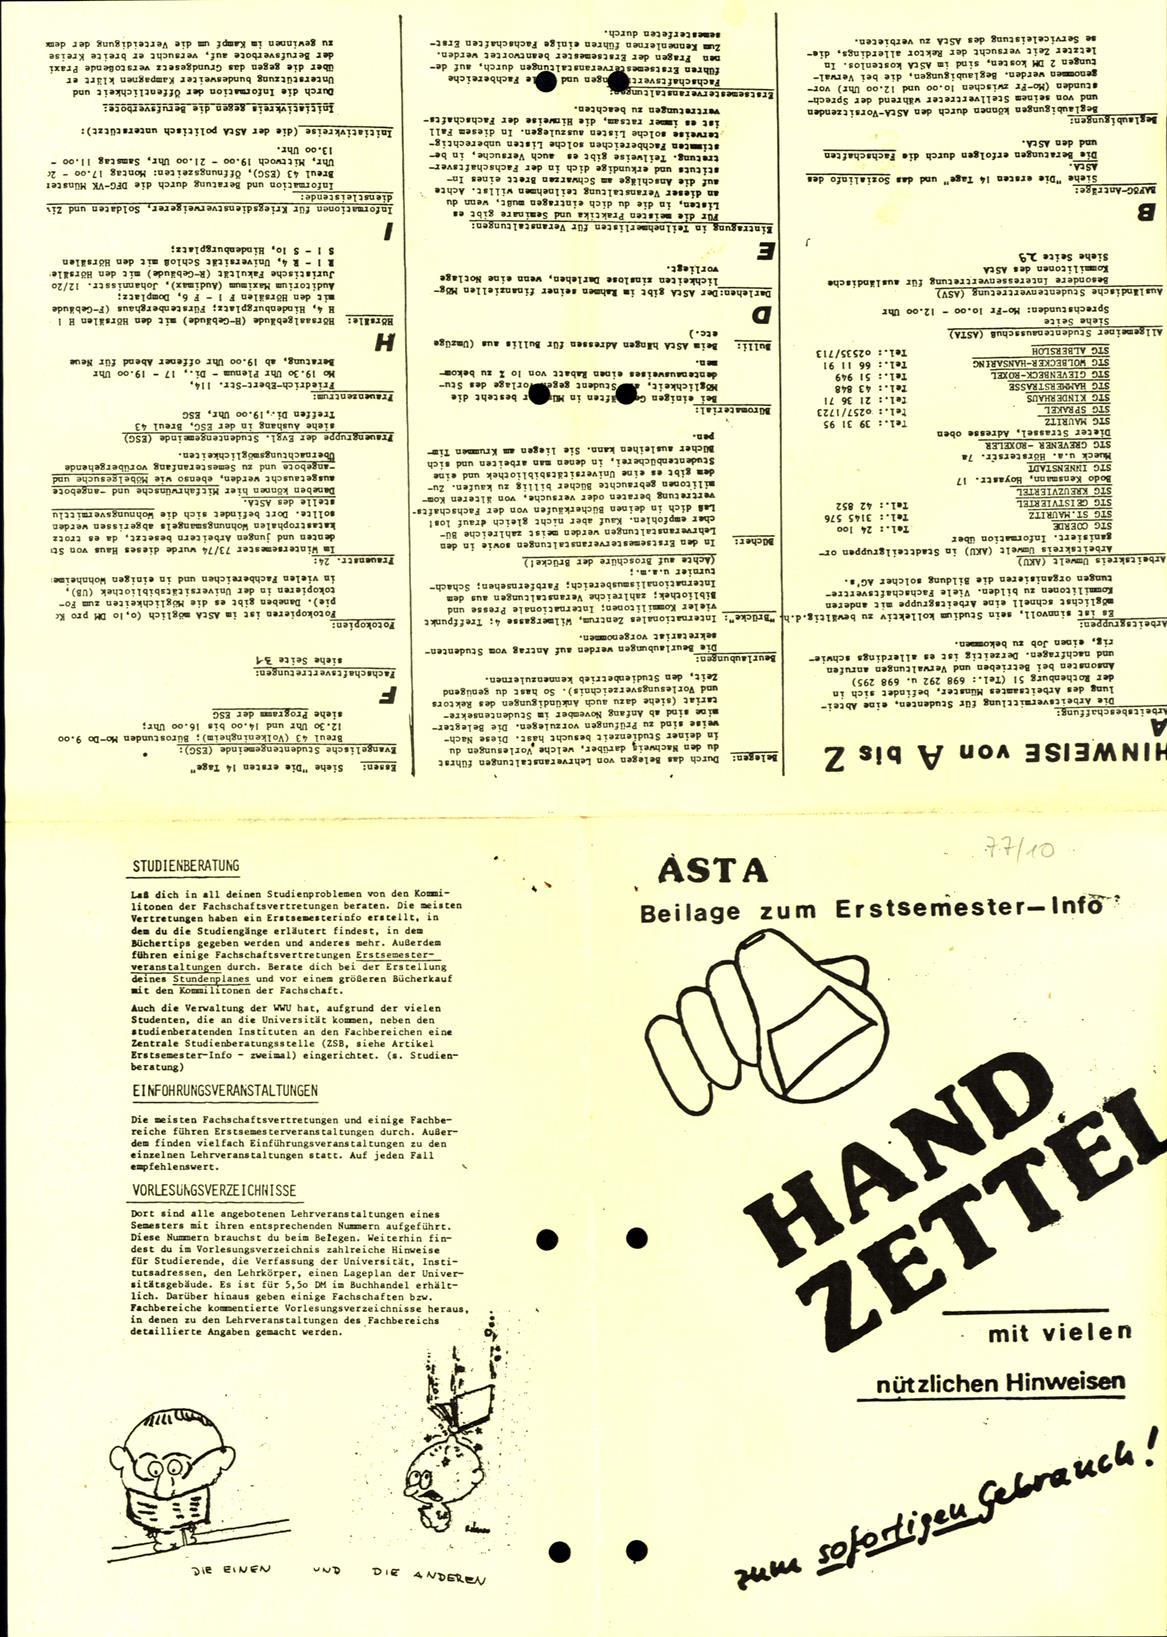 Muenster_AStA_Info_19771000_04